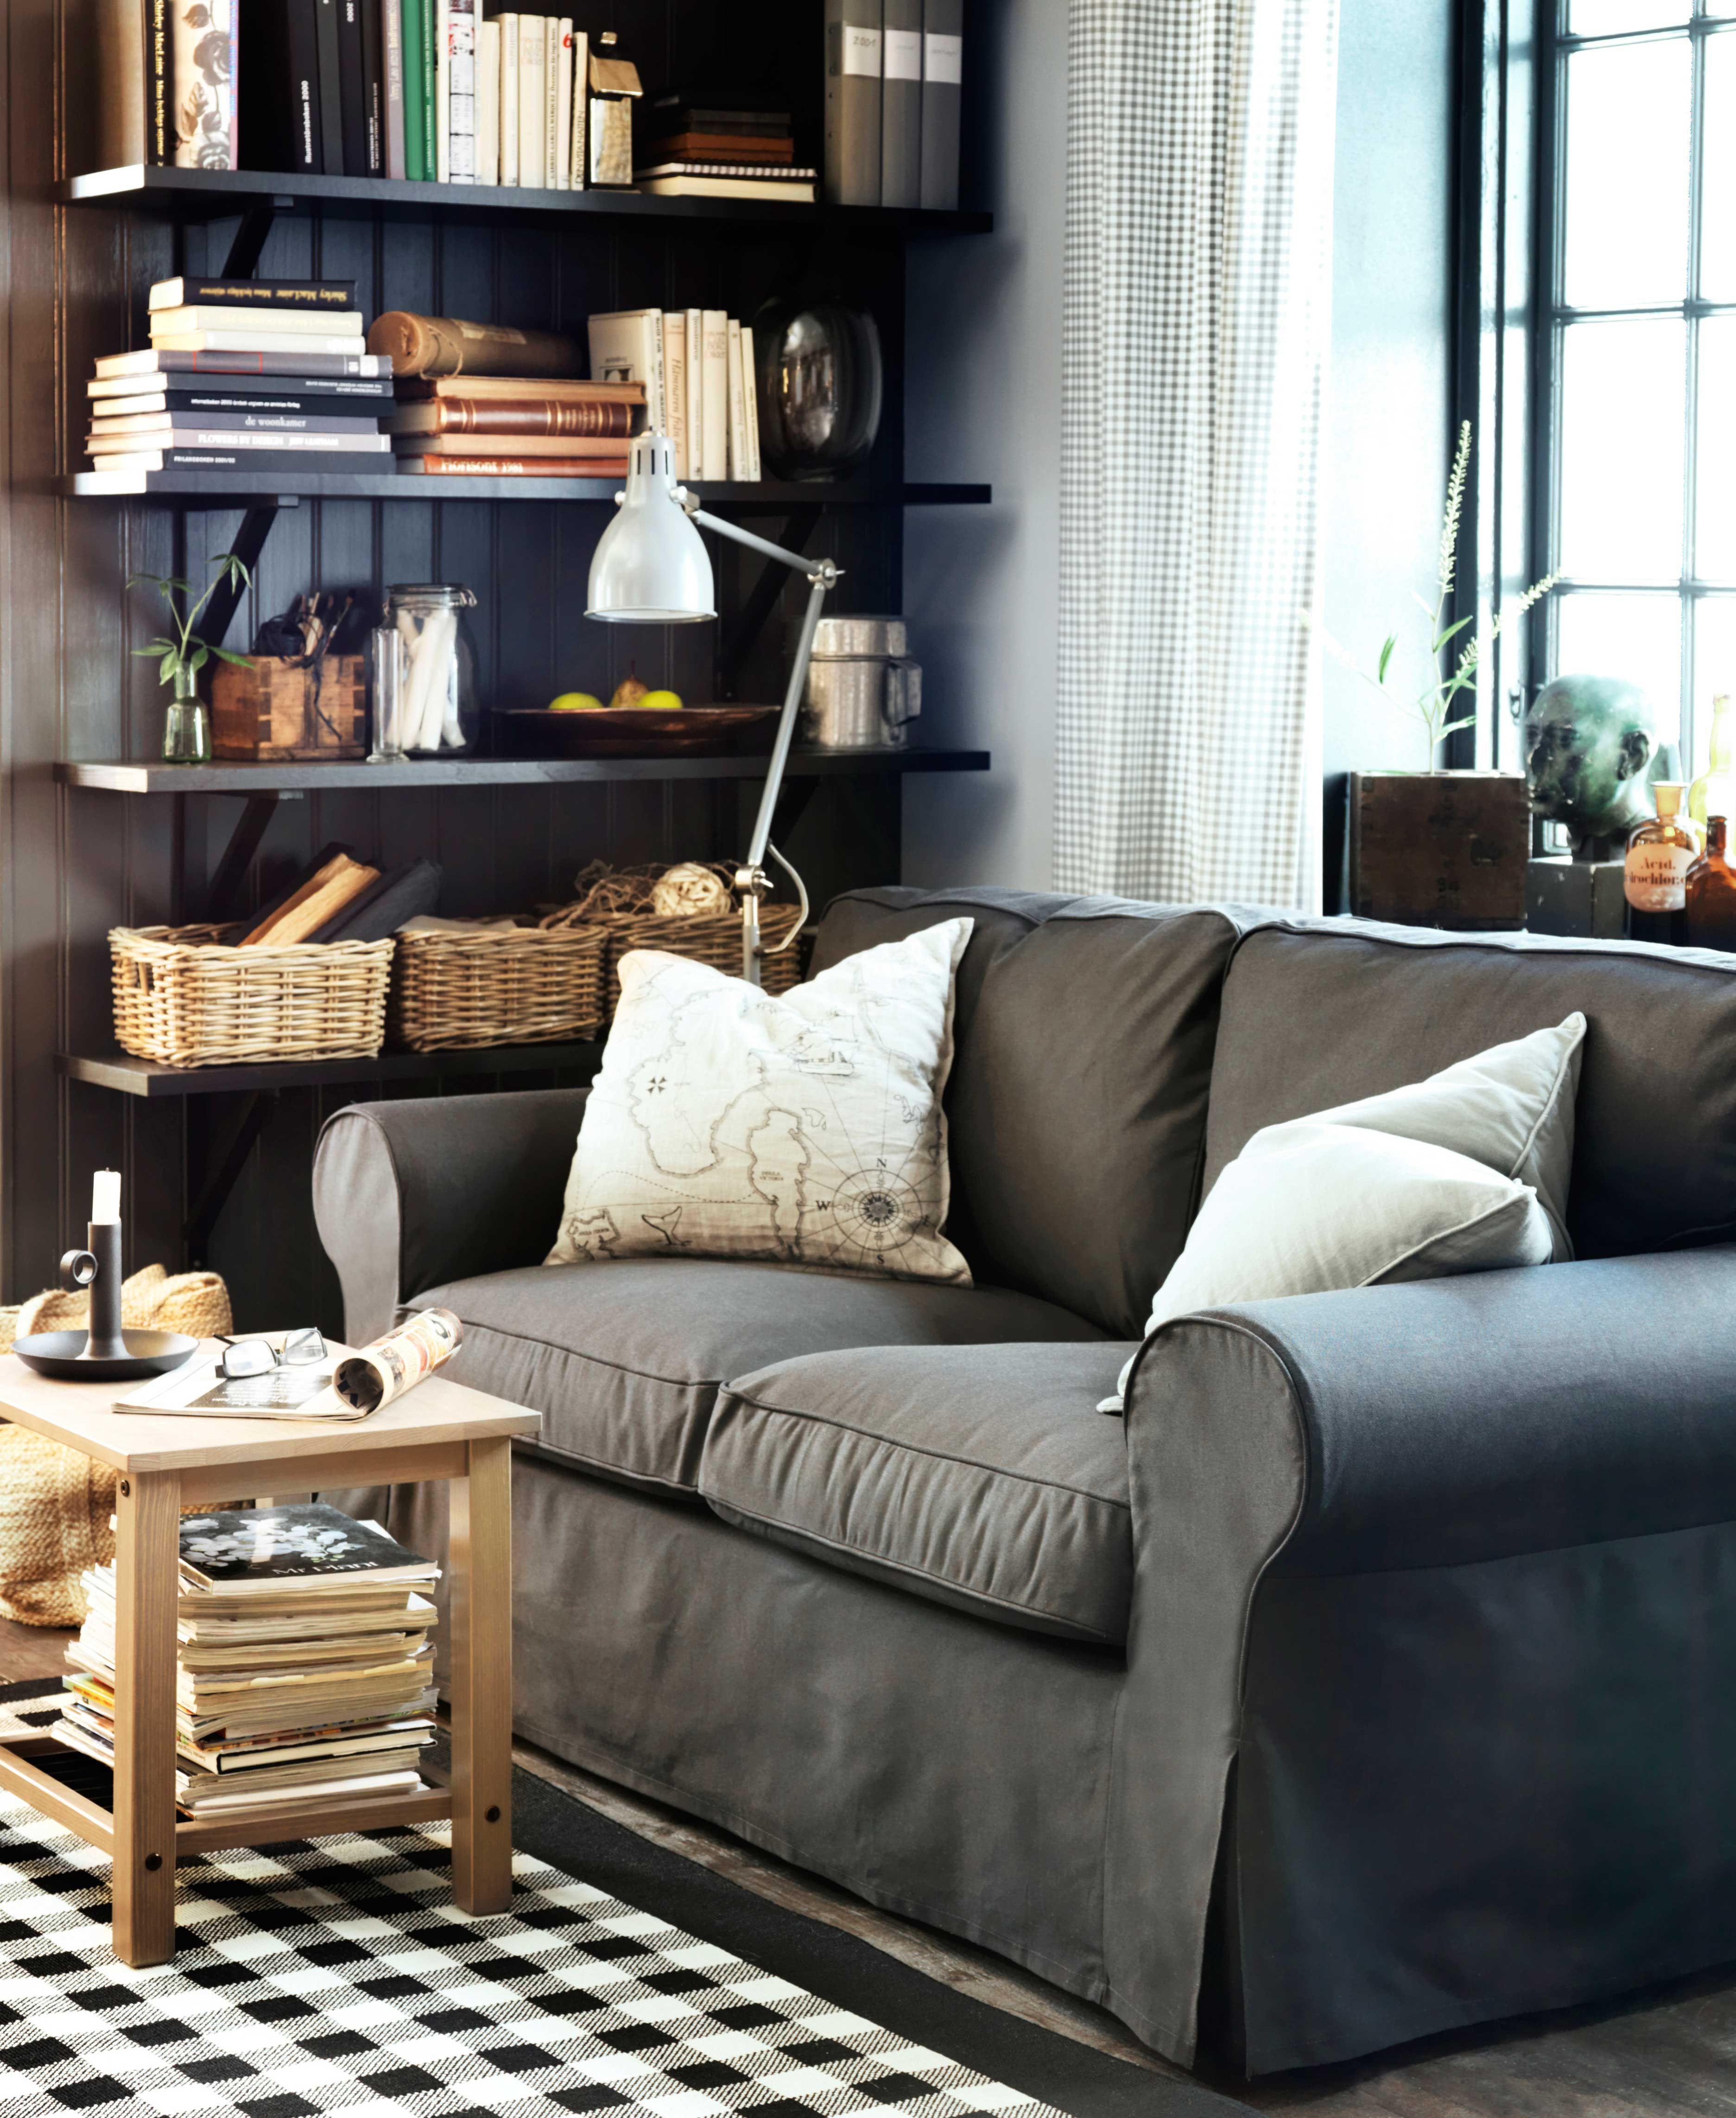 Ikea Wohnzimmer  IKEA Österreich Inspiration Wohnzimmer Sitzecke Sofa